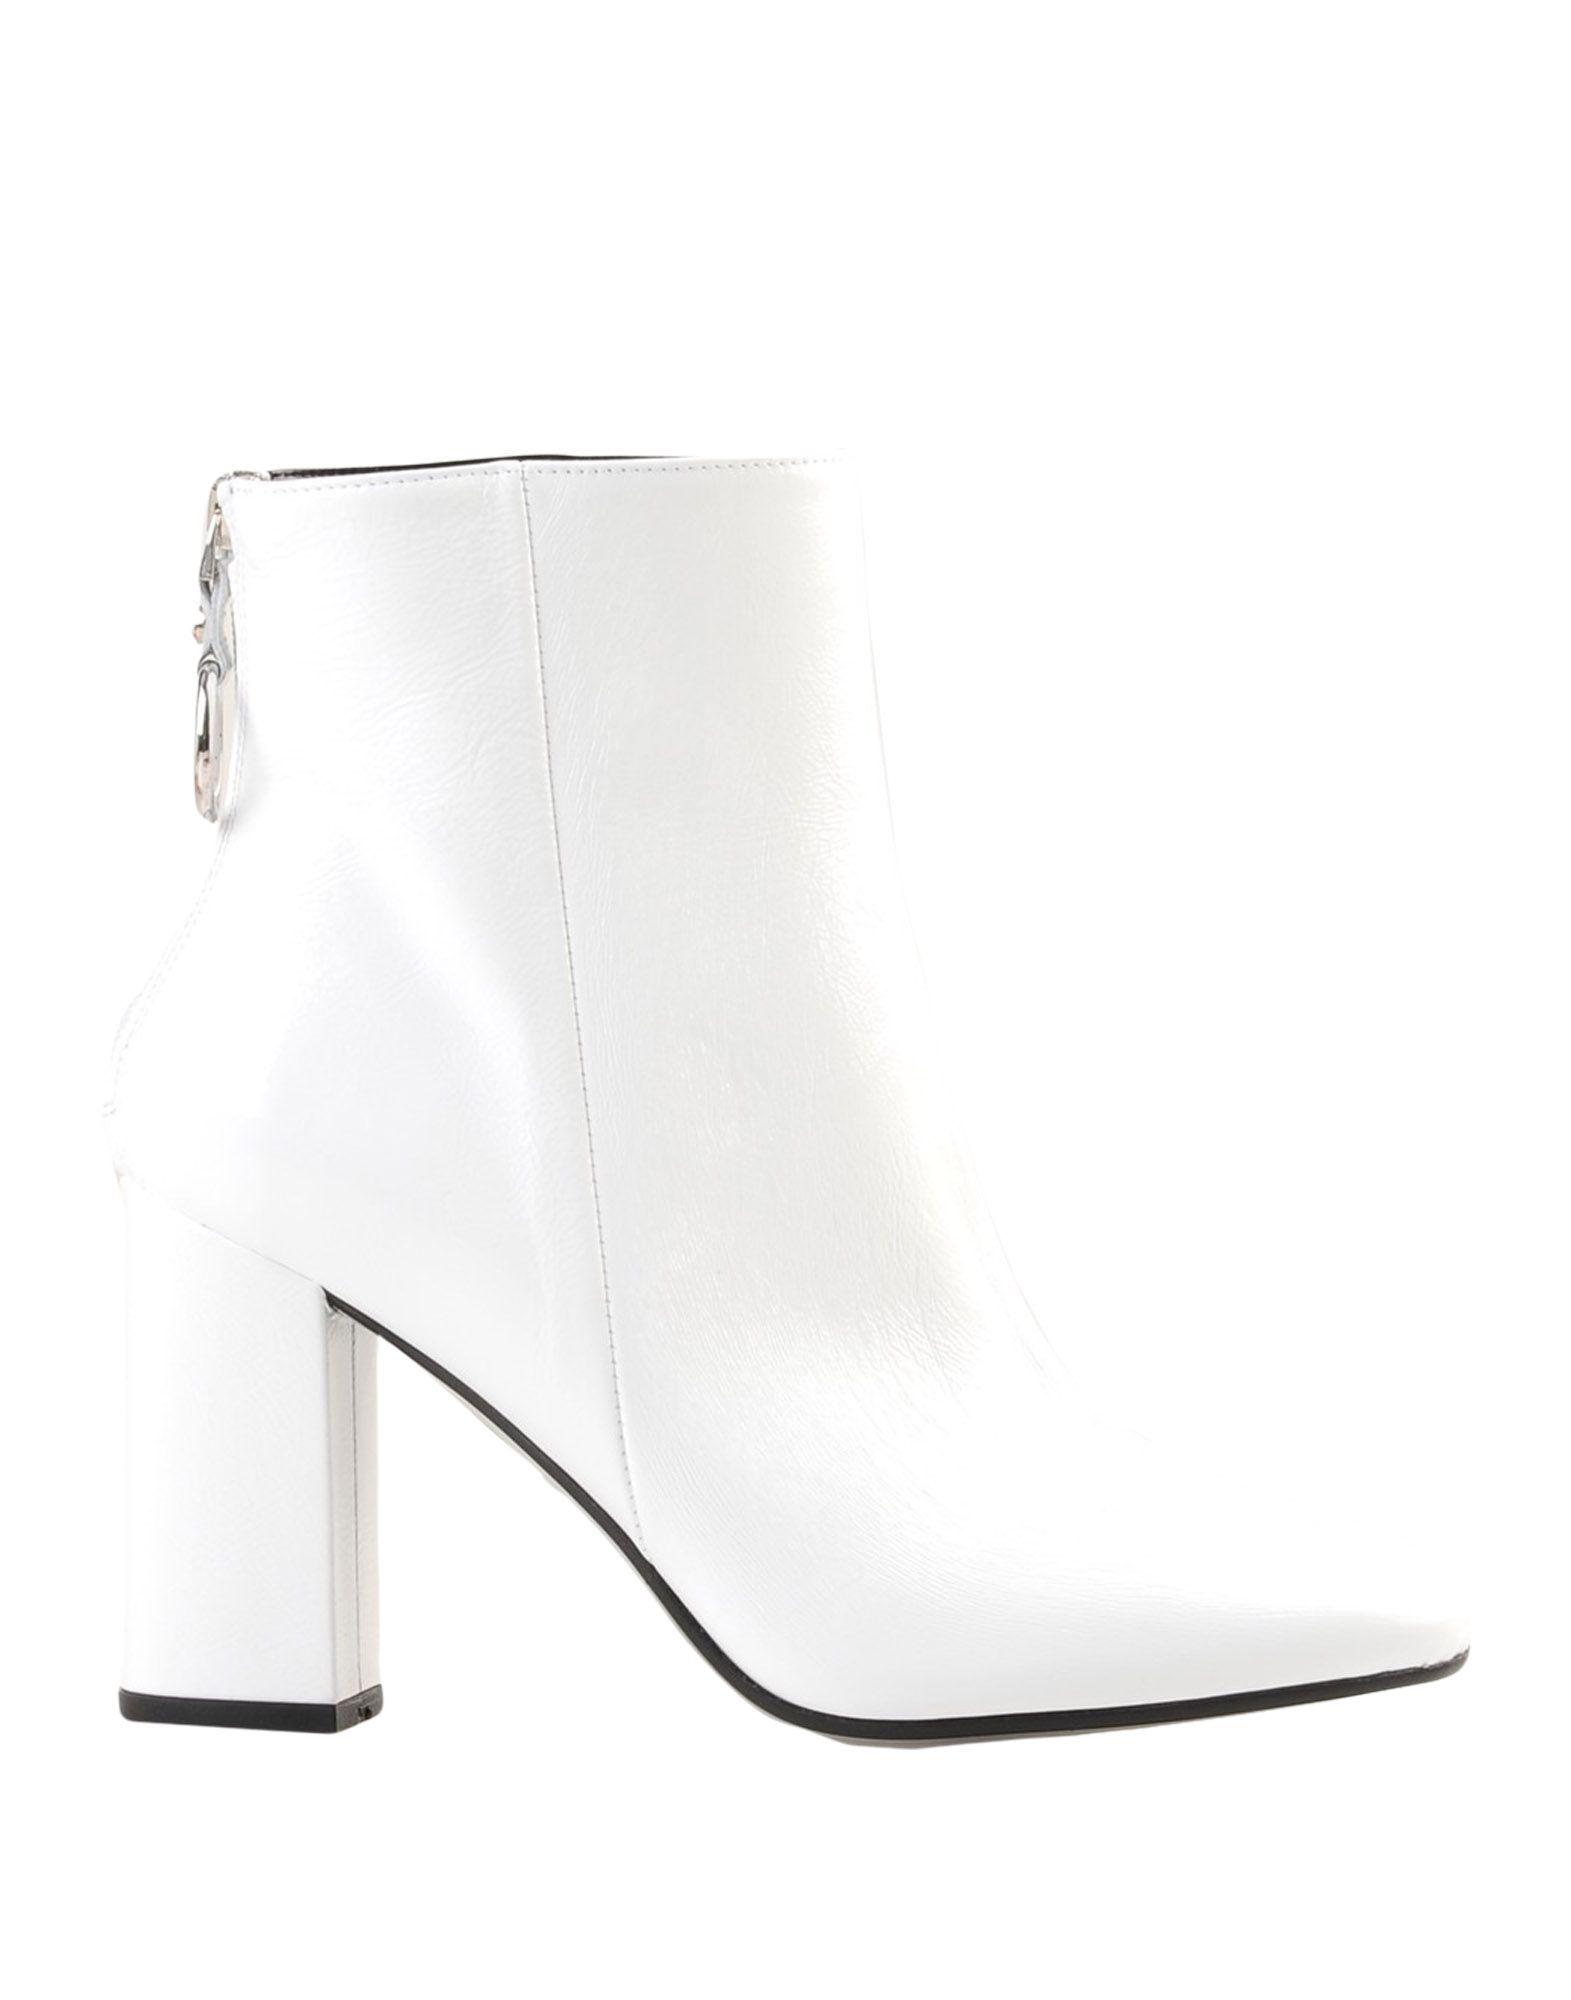 BIANCA DI Полусапоги и высокие ботинки цены онлайн